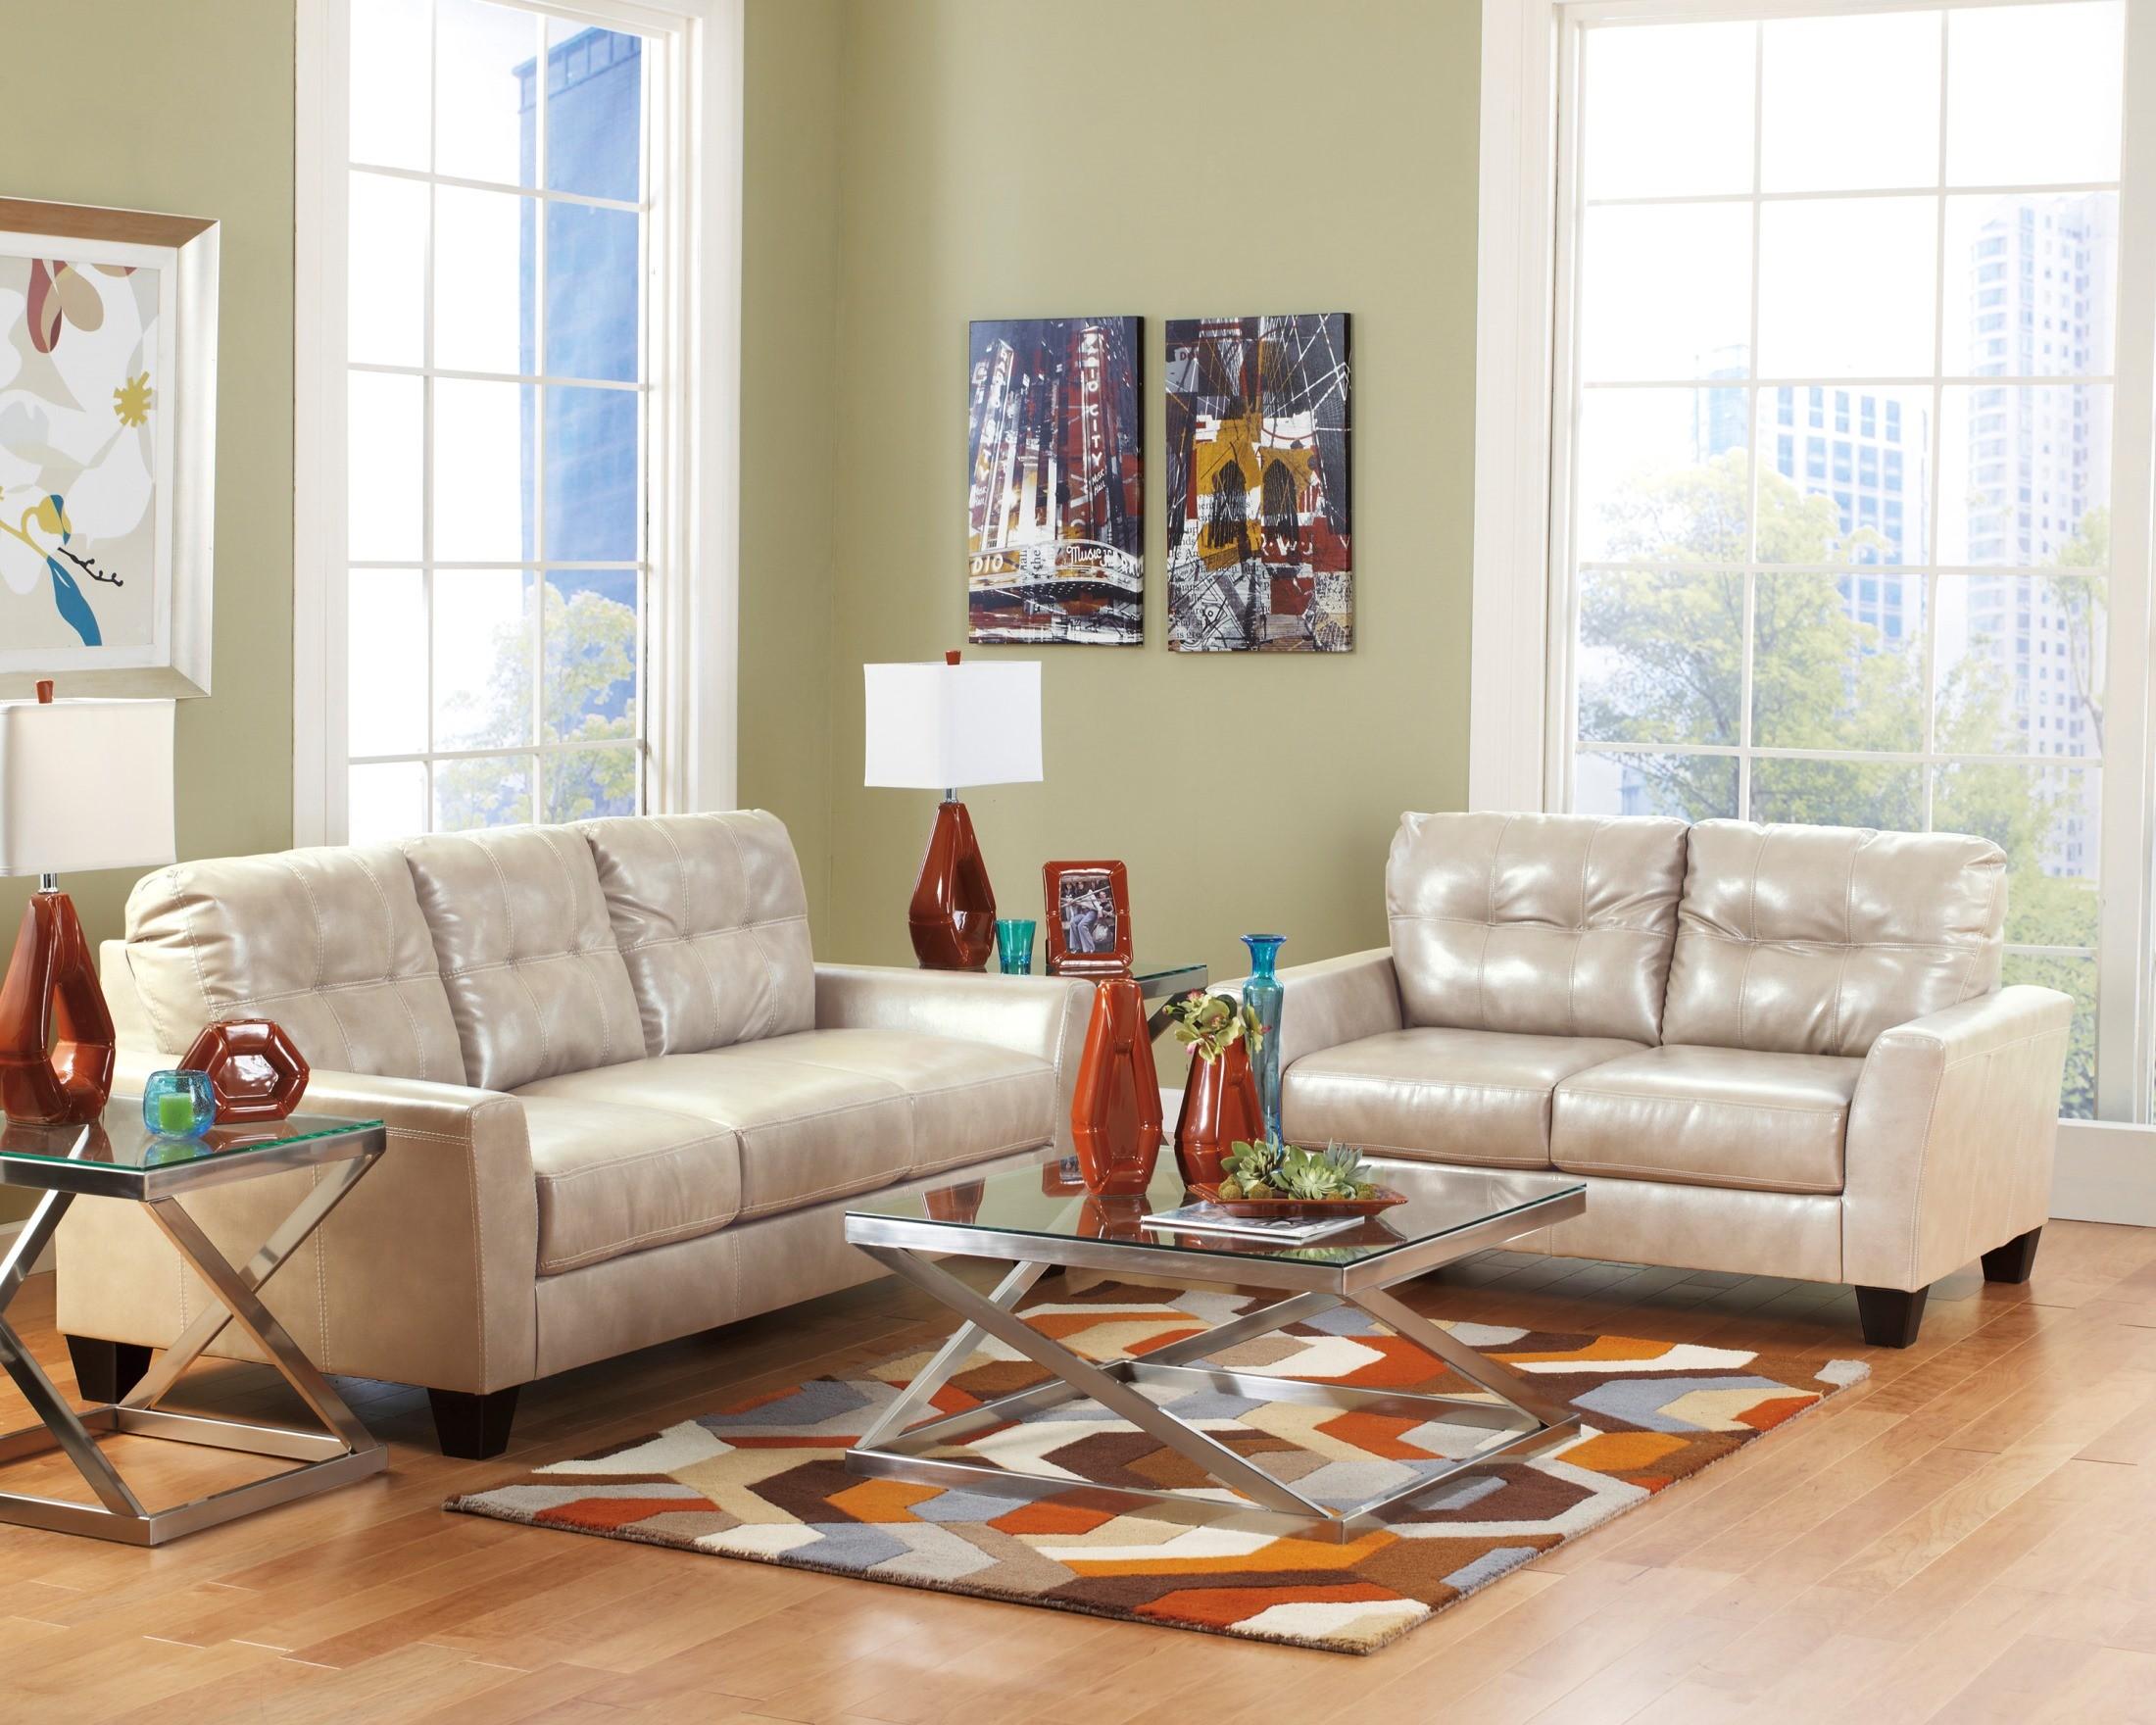 paulie durablend taupe living room set from ashley 27000 38 35 coleman furniture. Black Bedroom Furniture Sets. Home Design Ideas